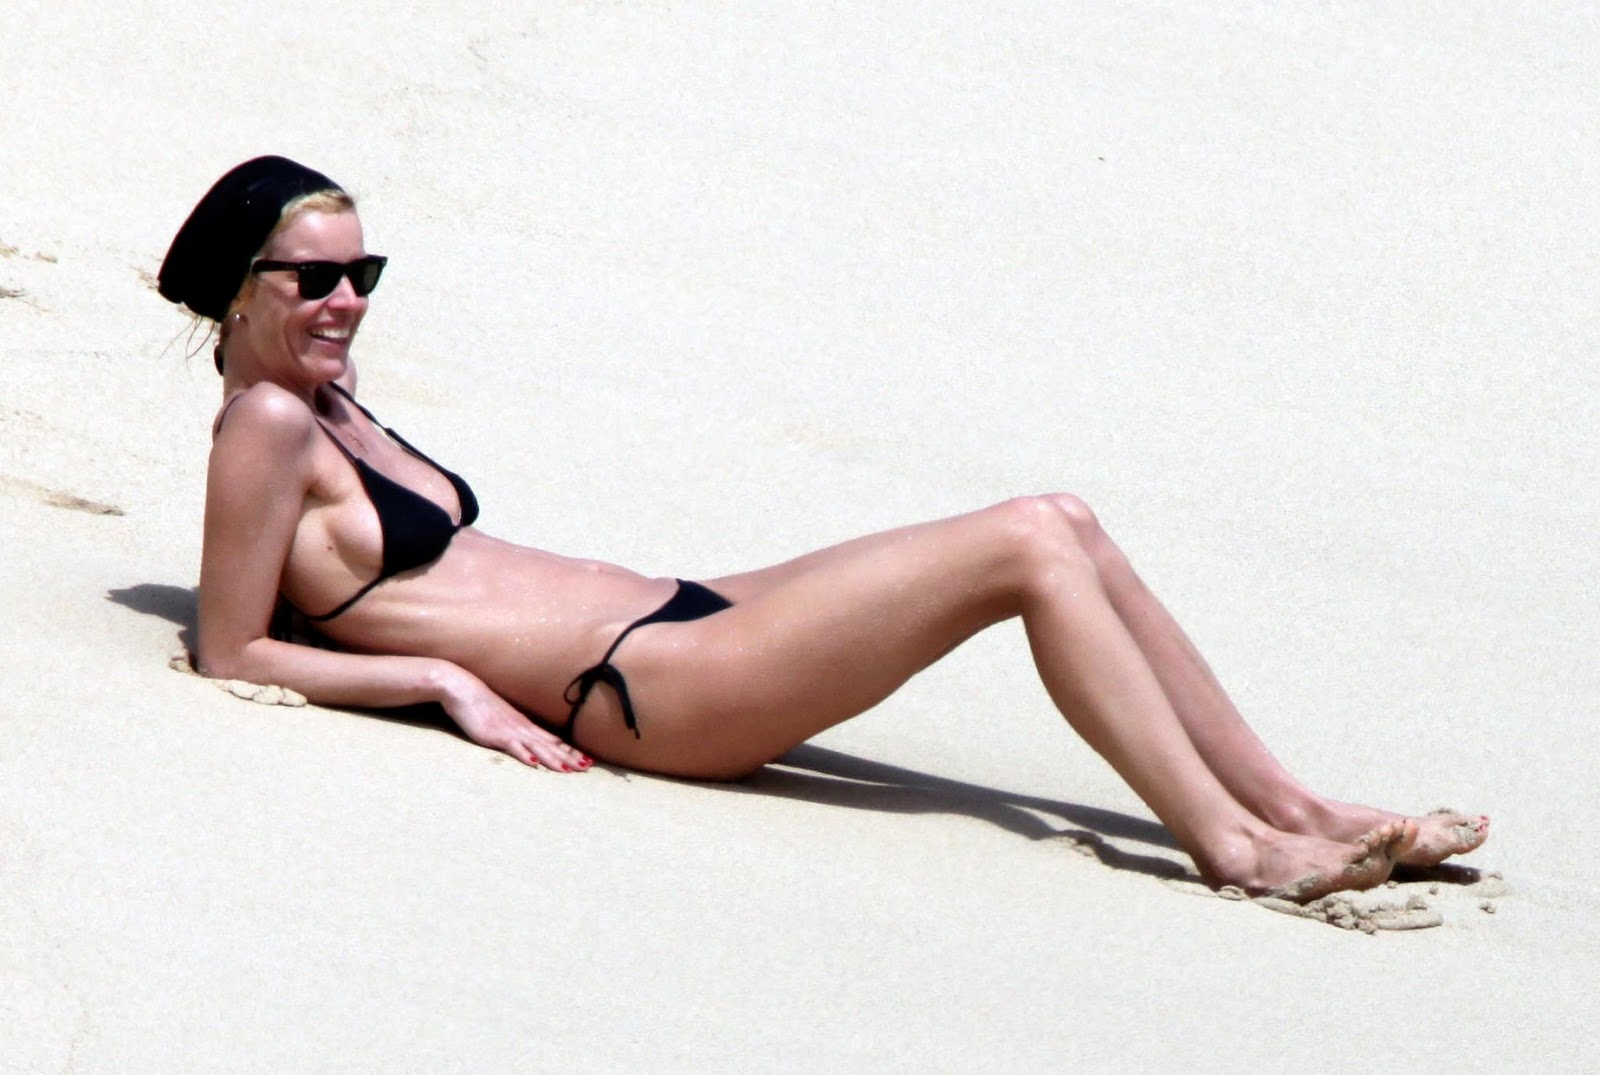 http://2.bp.blogspot.com/_WDCWEjl45FQ/TPq7WRGuAMI/AAAAAAAABSk/opZXFeaEqgk/s1600/eva-herzigova-bikini-spl86170_009.jpg